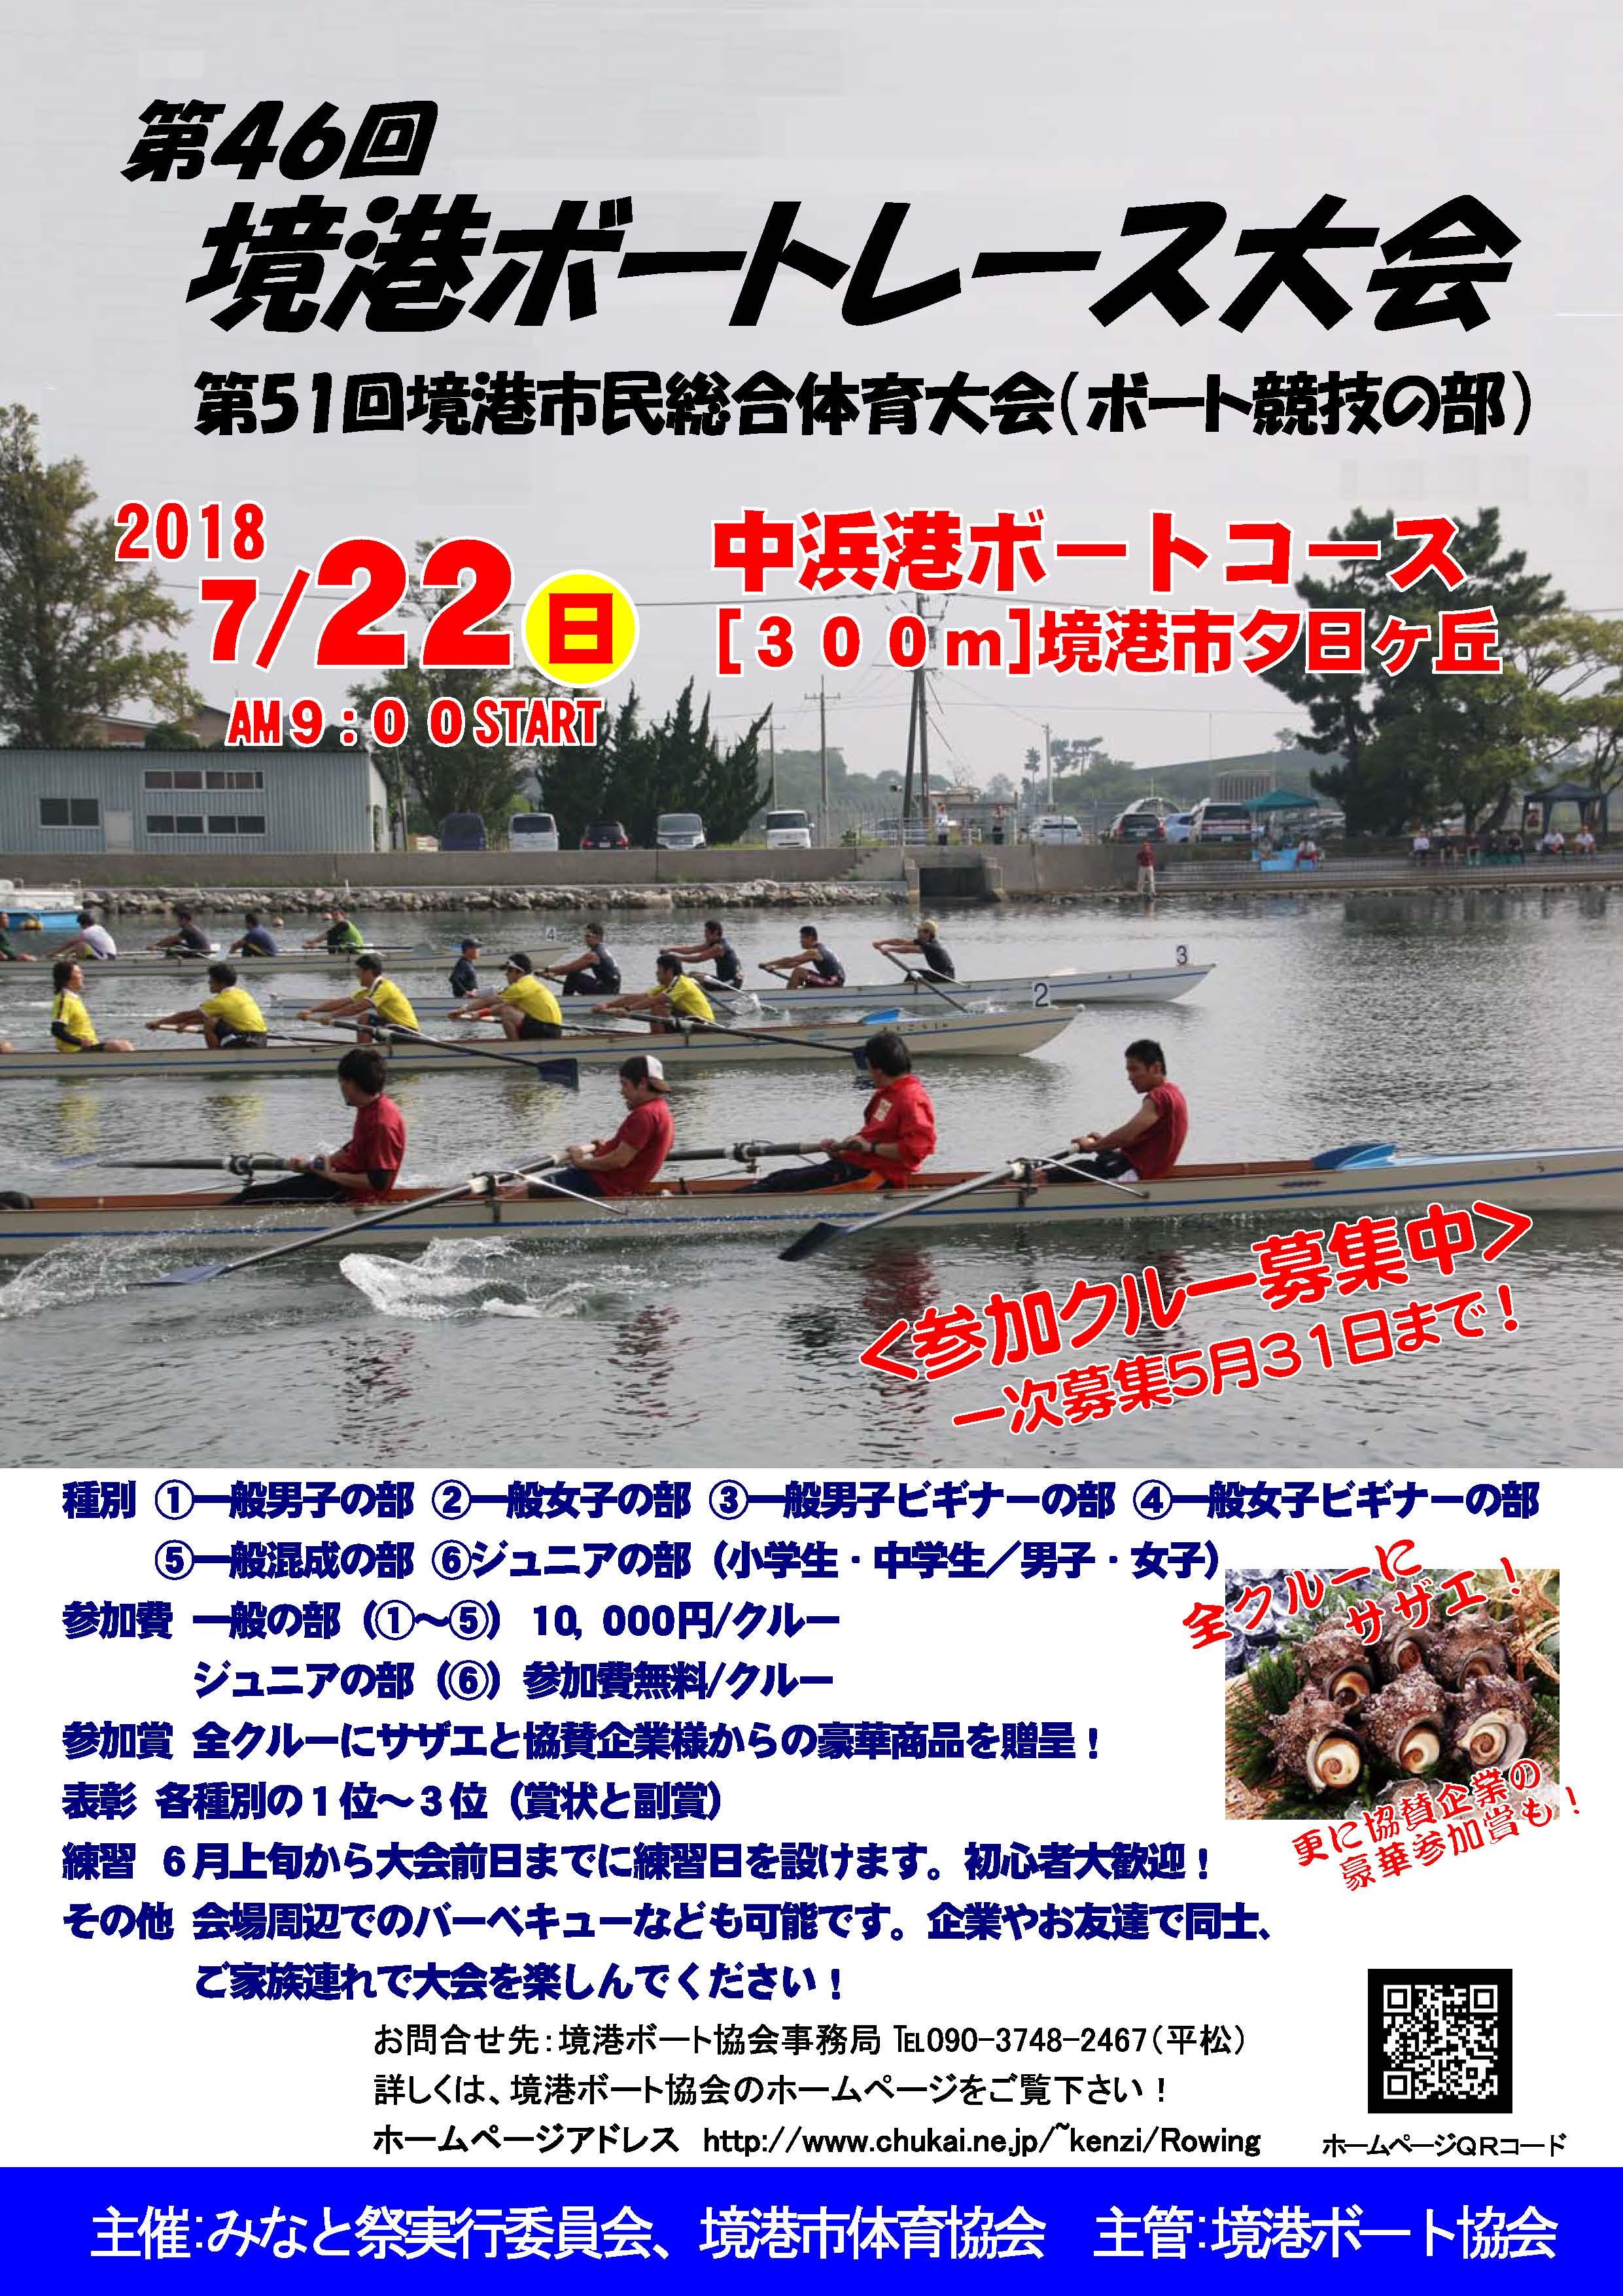 第46回境港ボートレース大会 ・第51回境港市民総合体育大会(ボート競技の部)